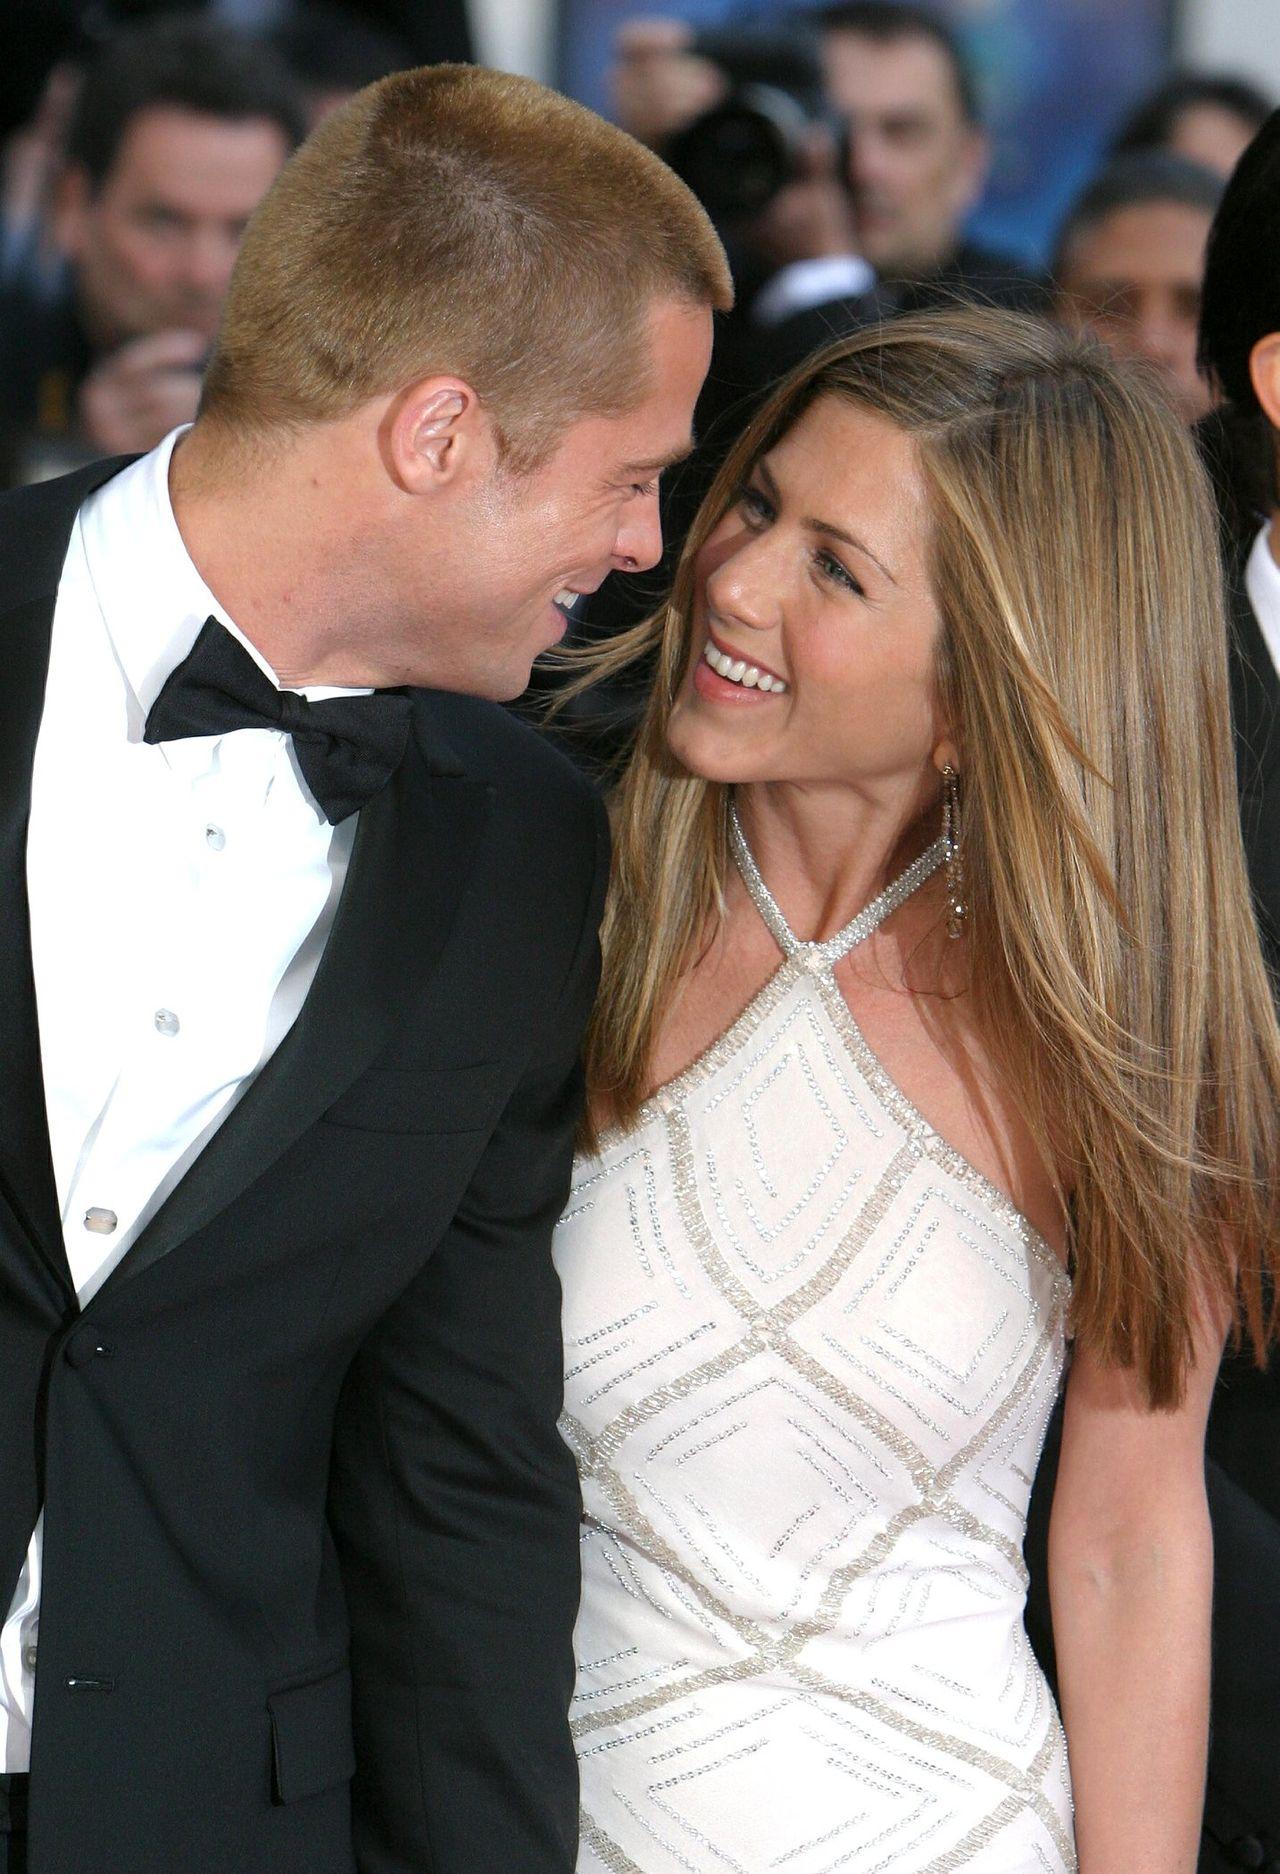 SENSACJA! Brad Pitt pojawił się na 50. urodzinach Jennifer Aniston (ZDJĘCIA)